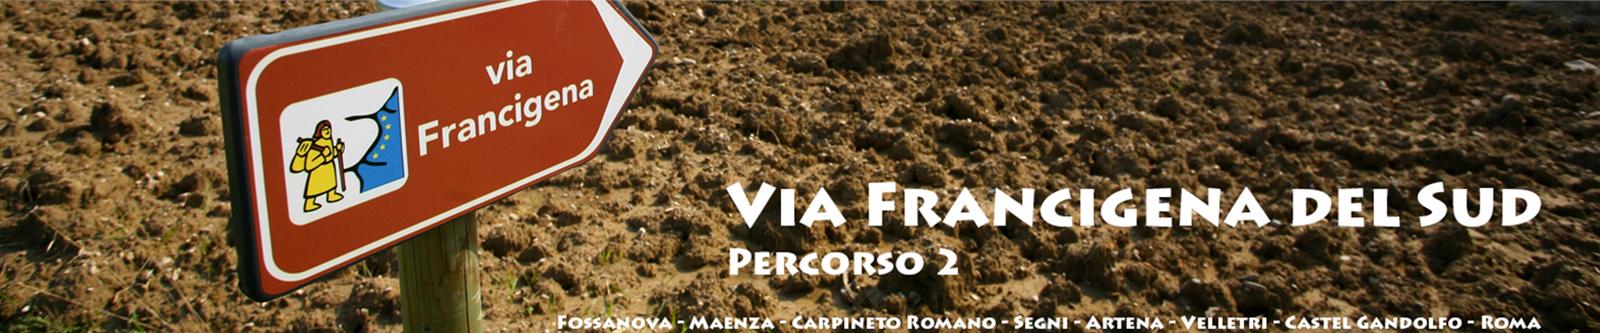 via-francigena_2-1